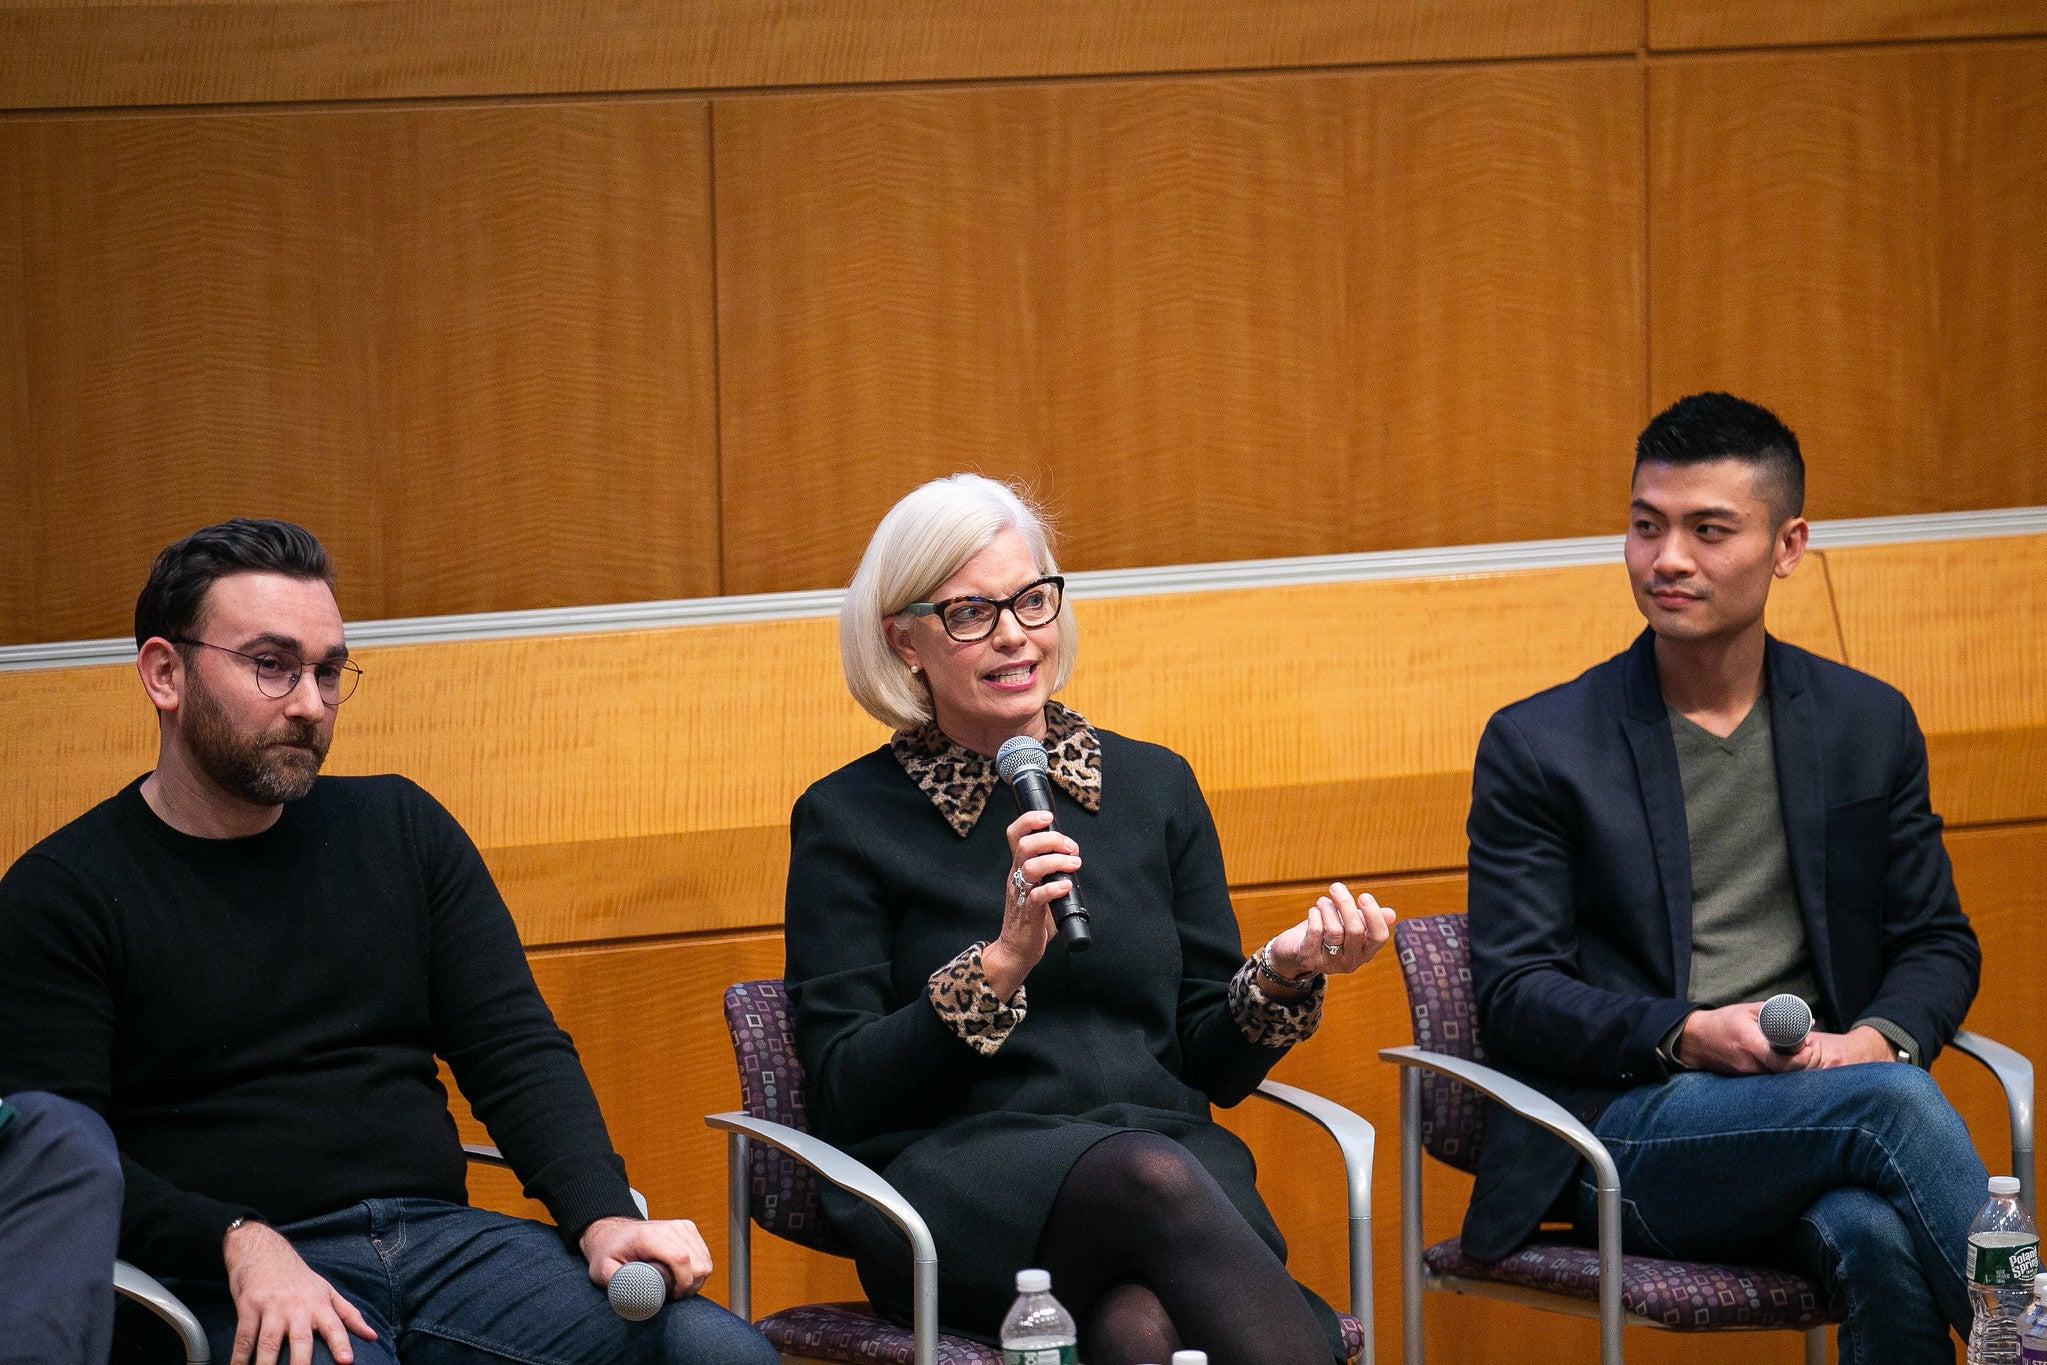 Susan Jurevics at the EMT Summit 2019